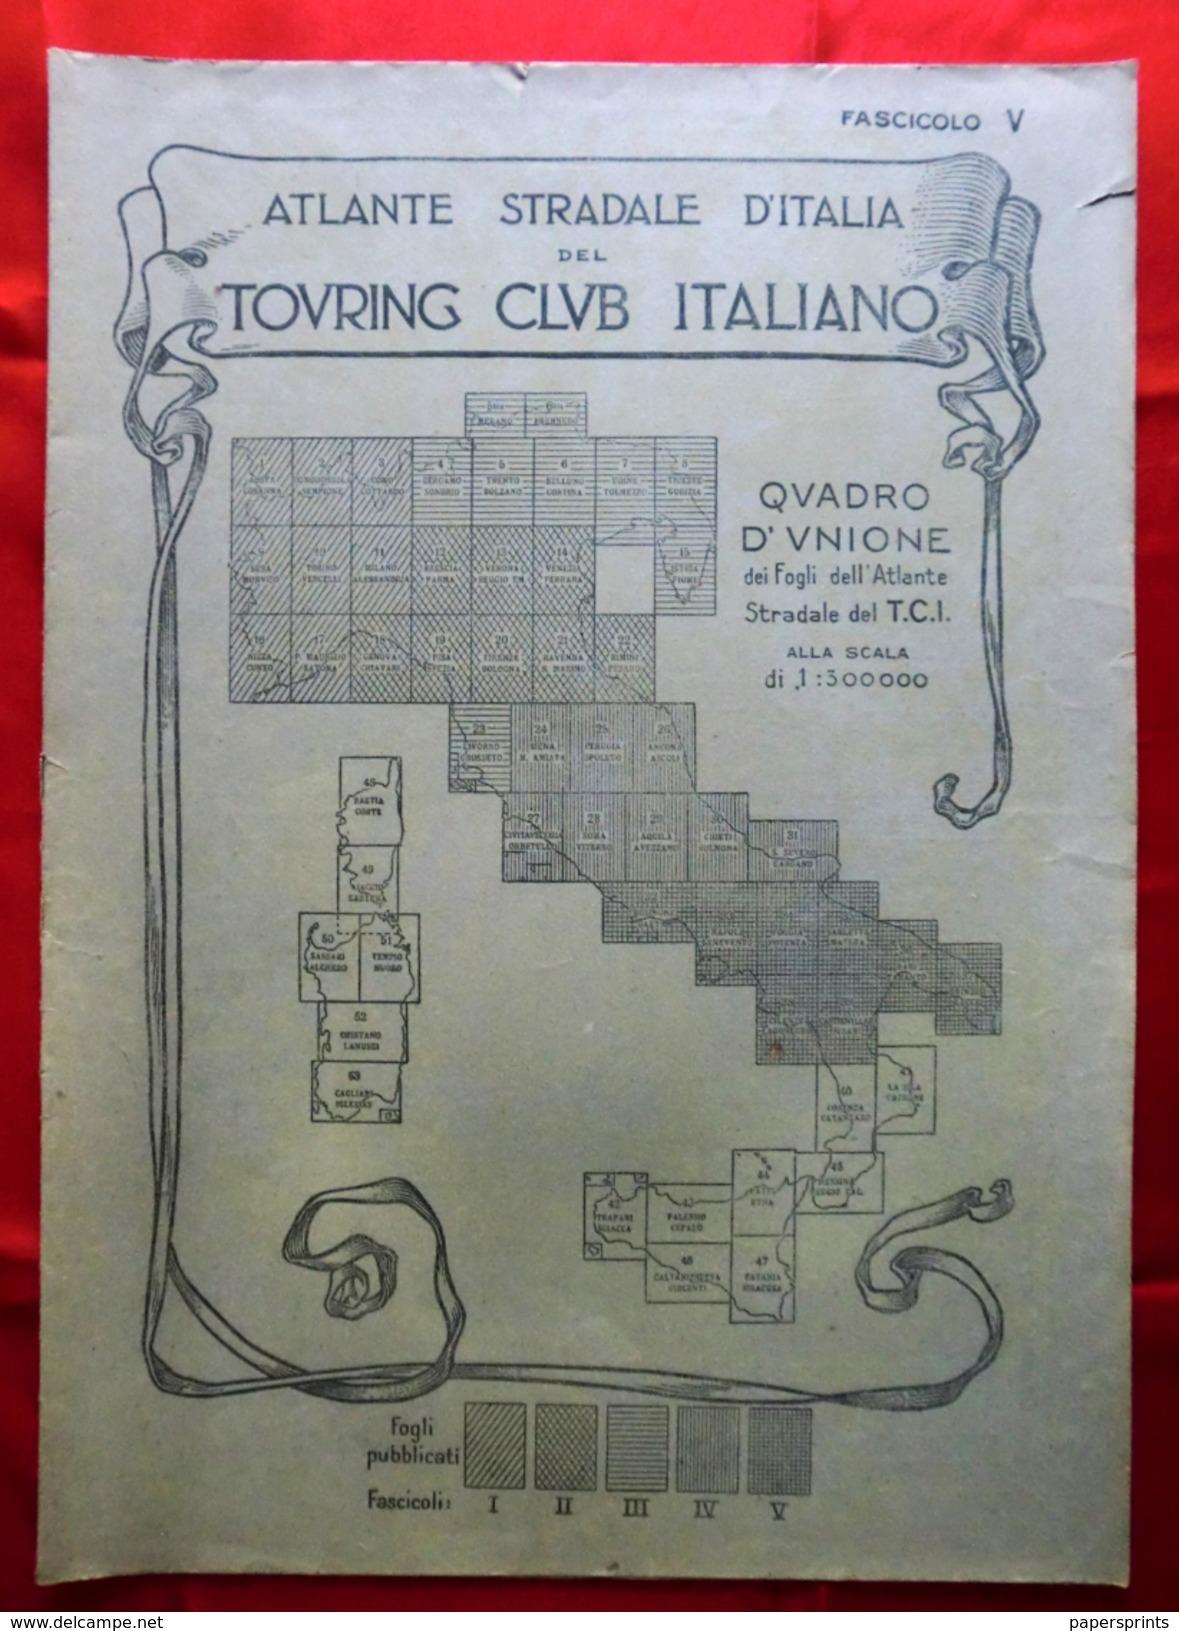 Fascicolo V (senza Fogli All'interno) ATLANTE STRADALE D'ITALIA Touring Club Italiano 1923-26 (Dir. L. V. Bertarelli) - Carte Stradali